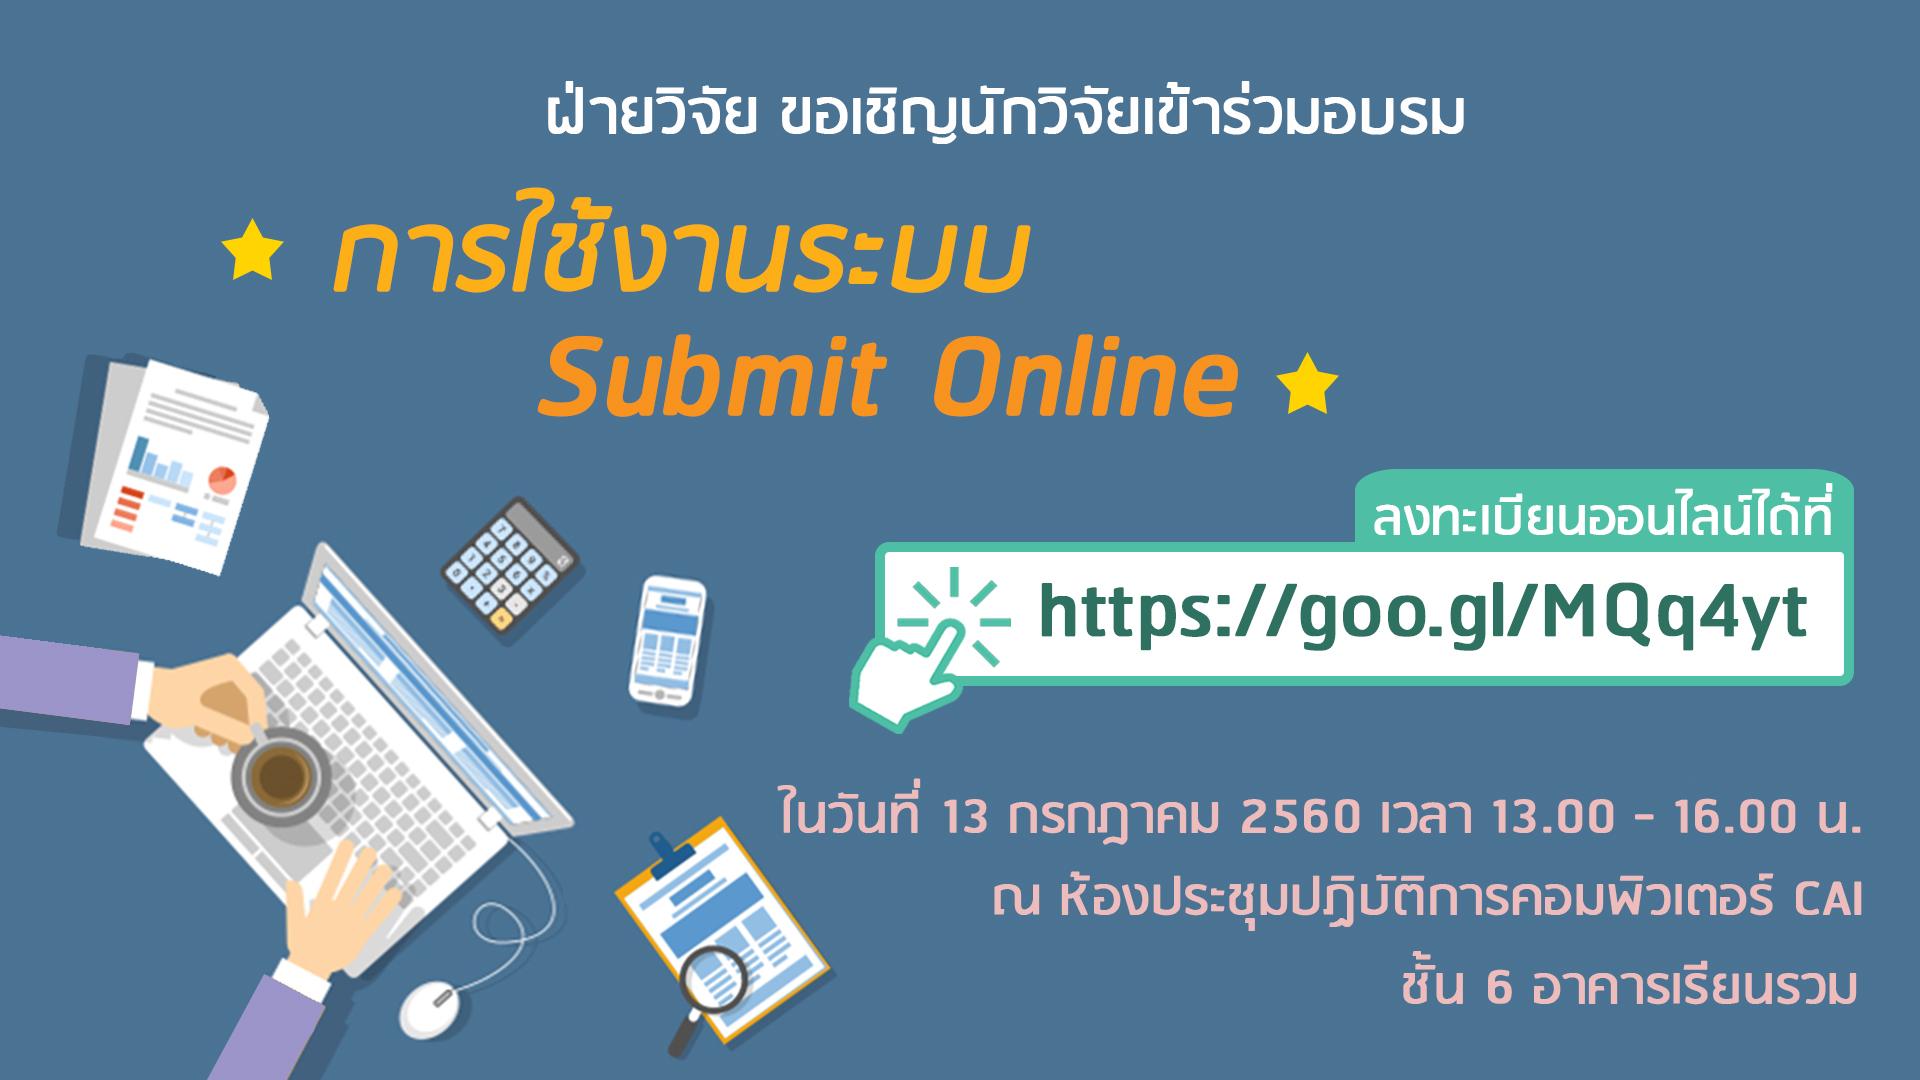 ขอเชิญนักวิจัยเข้าร่วมอบรมการใช้งานระบบ Submit online